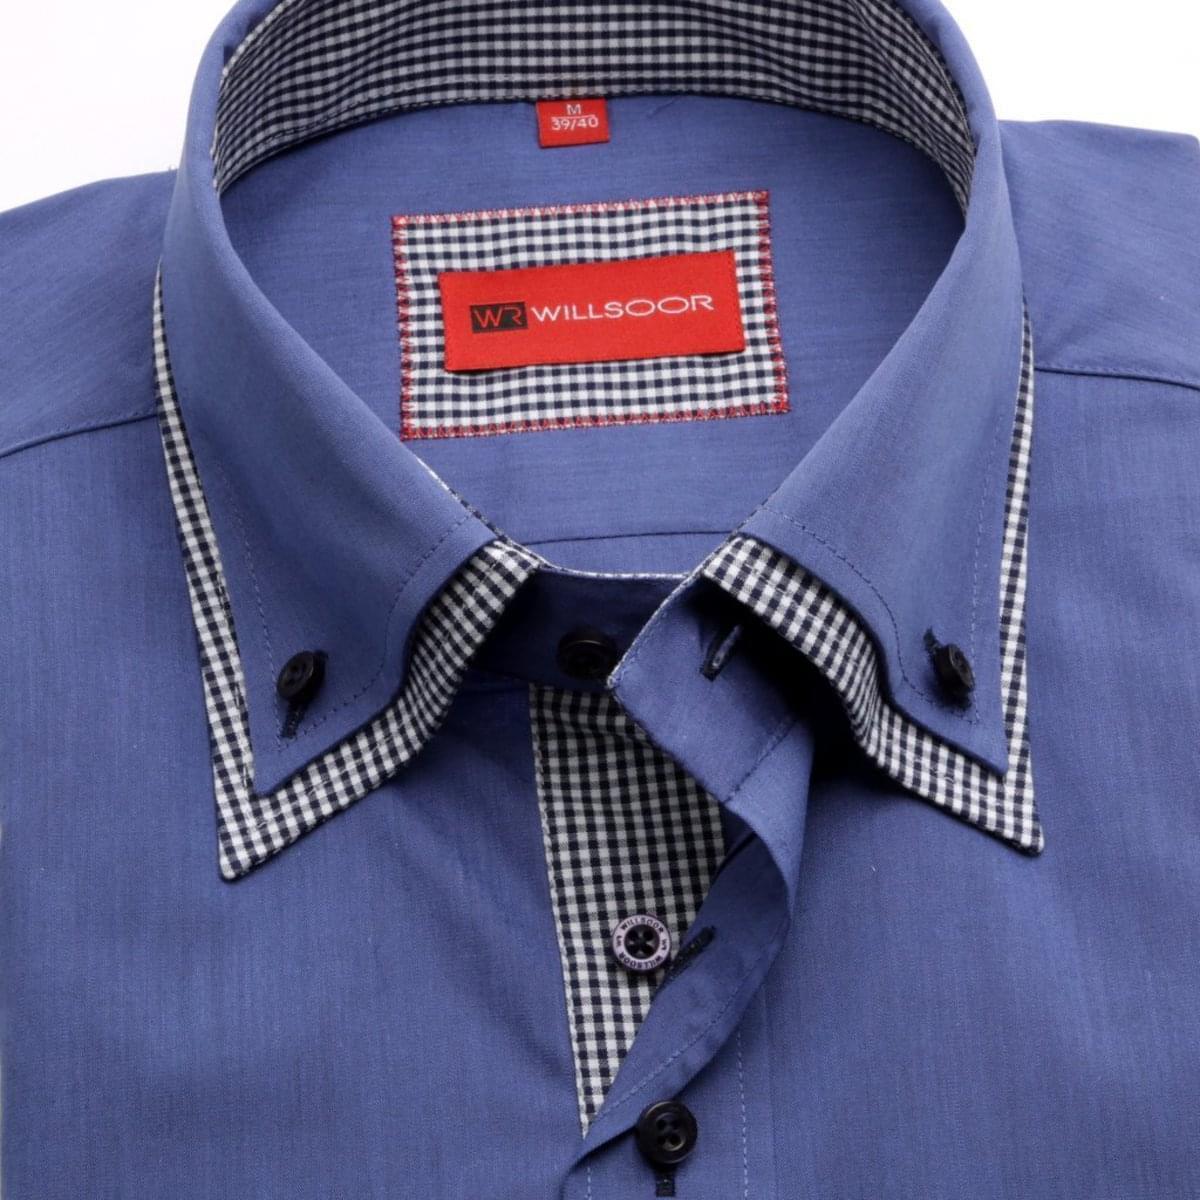 Willsoor Pánská košile WR Slim Fit (výška 176-182) 1990 176-182 / XL (43/44)